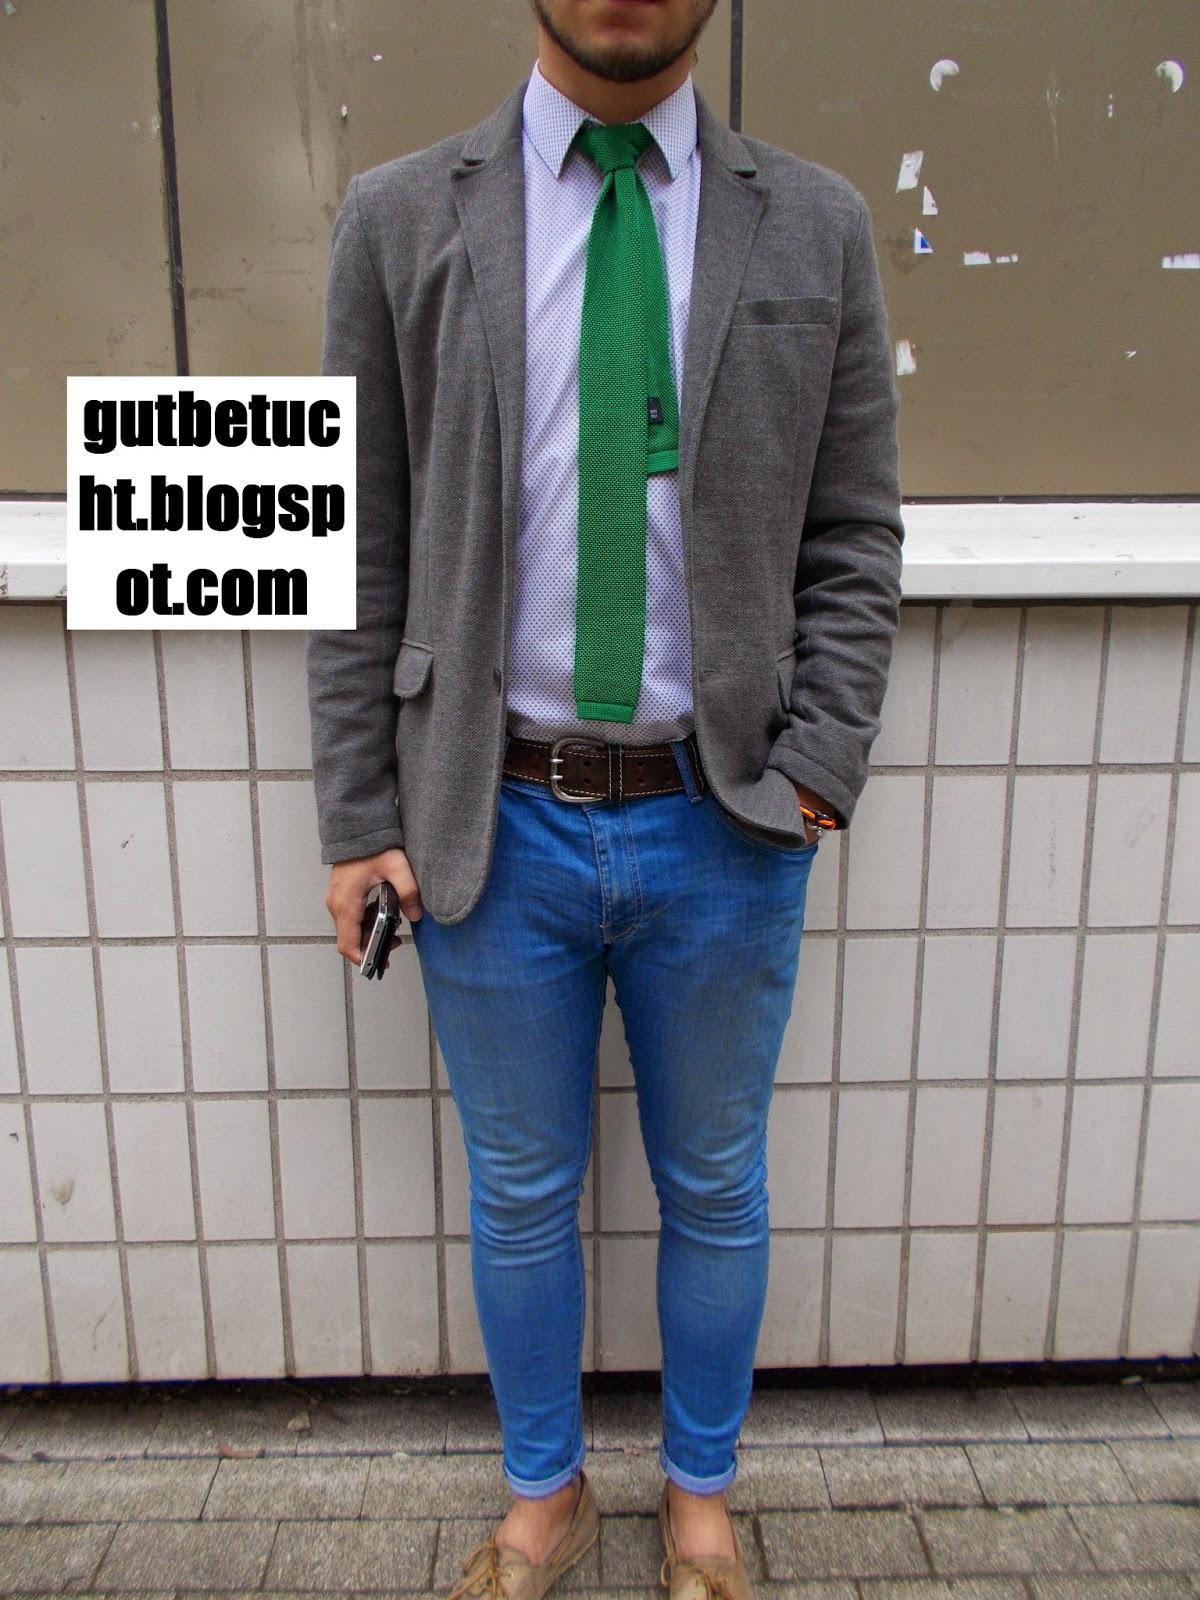 gutbetucht shades of gr n m nner in skinnyjeans shades of green men in skinny jeans. Black Bedroom Furniture Sets. Home Design Ideas